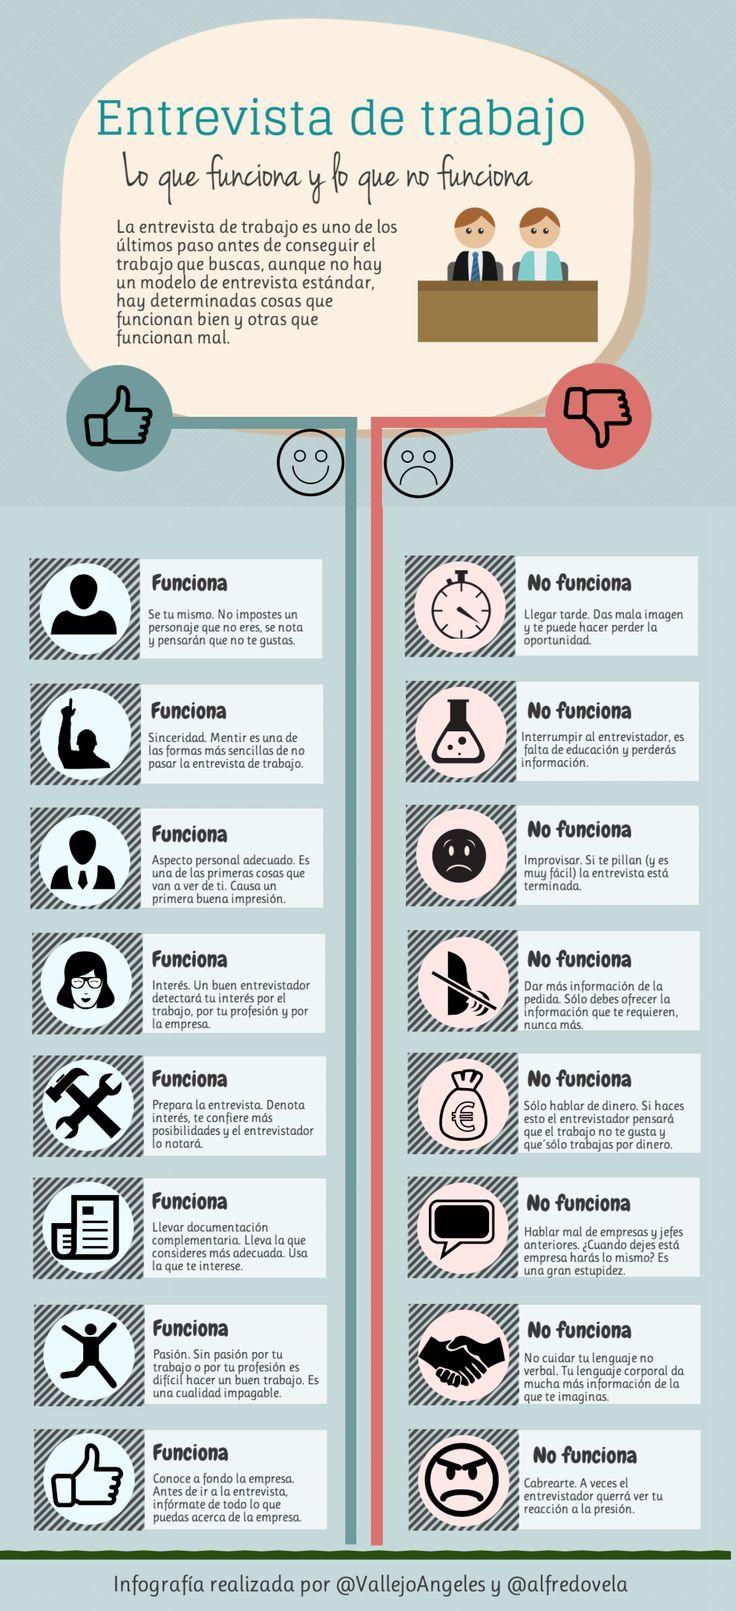 Entrevista de trabajo: qué funciona y qué no #infografia #infographic #empleo